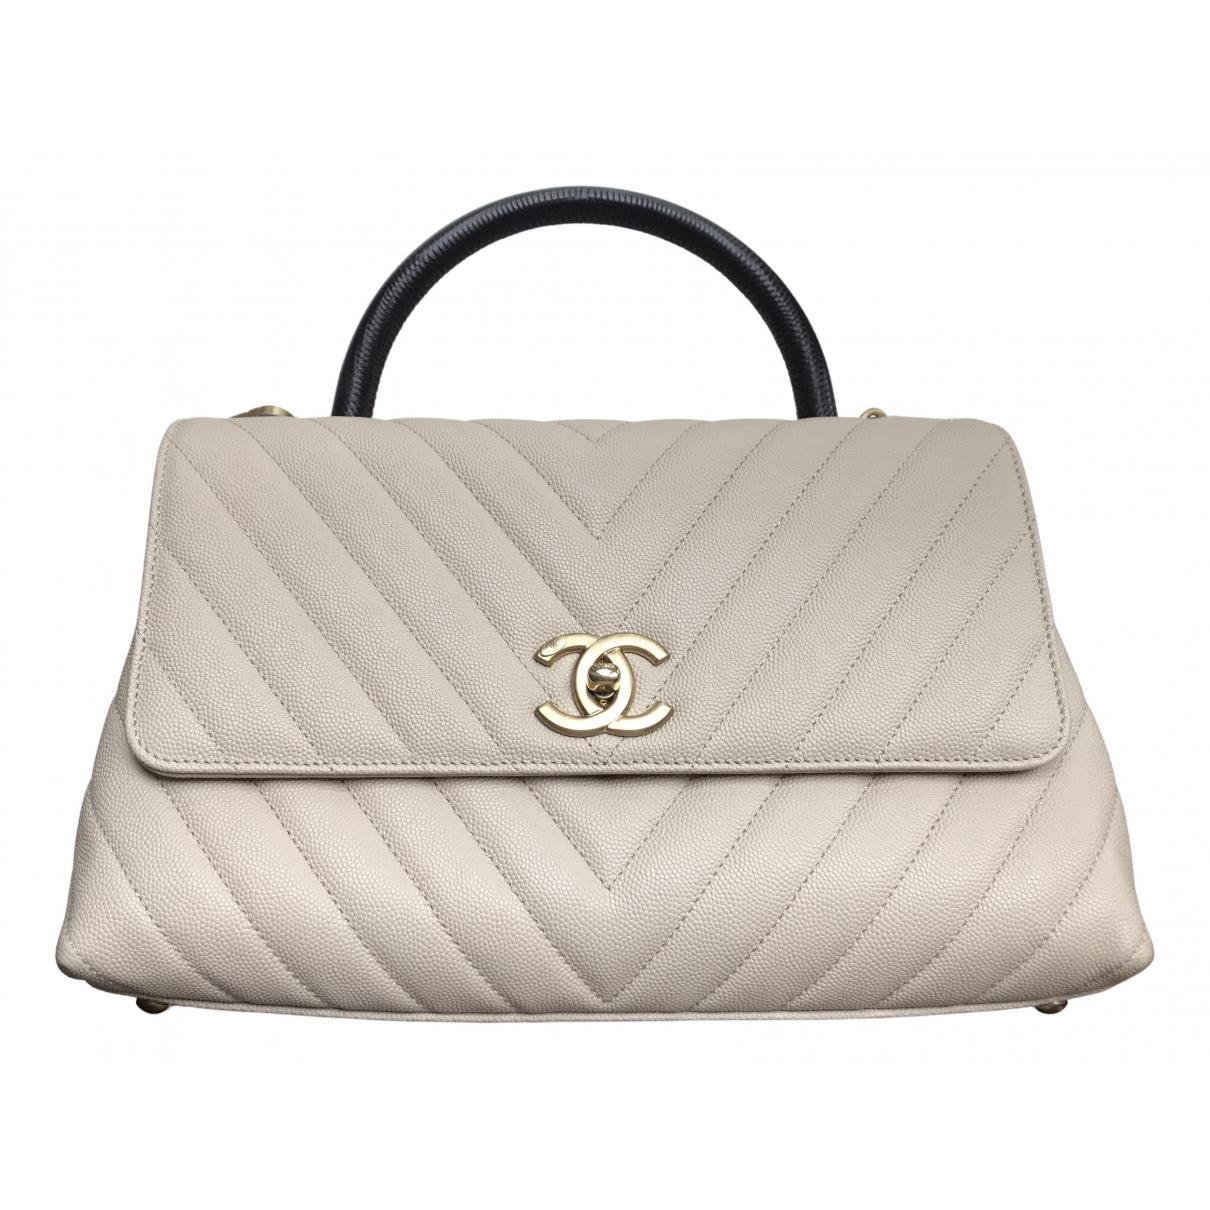 Chanel Coco Handle Handtasche in  Beige Leder